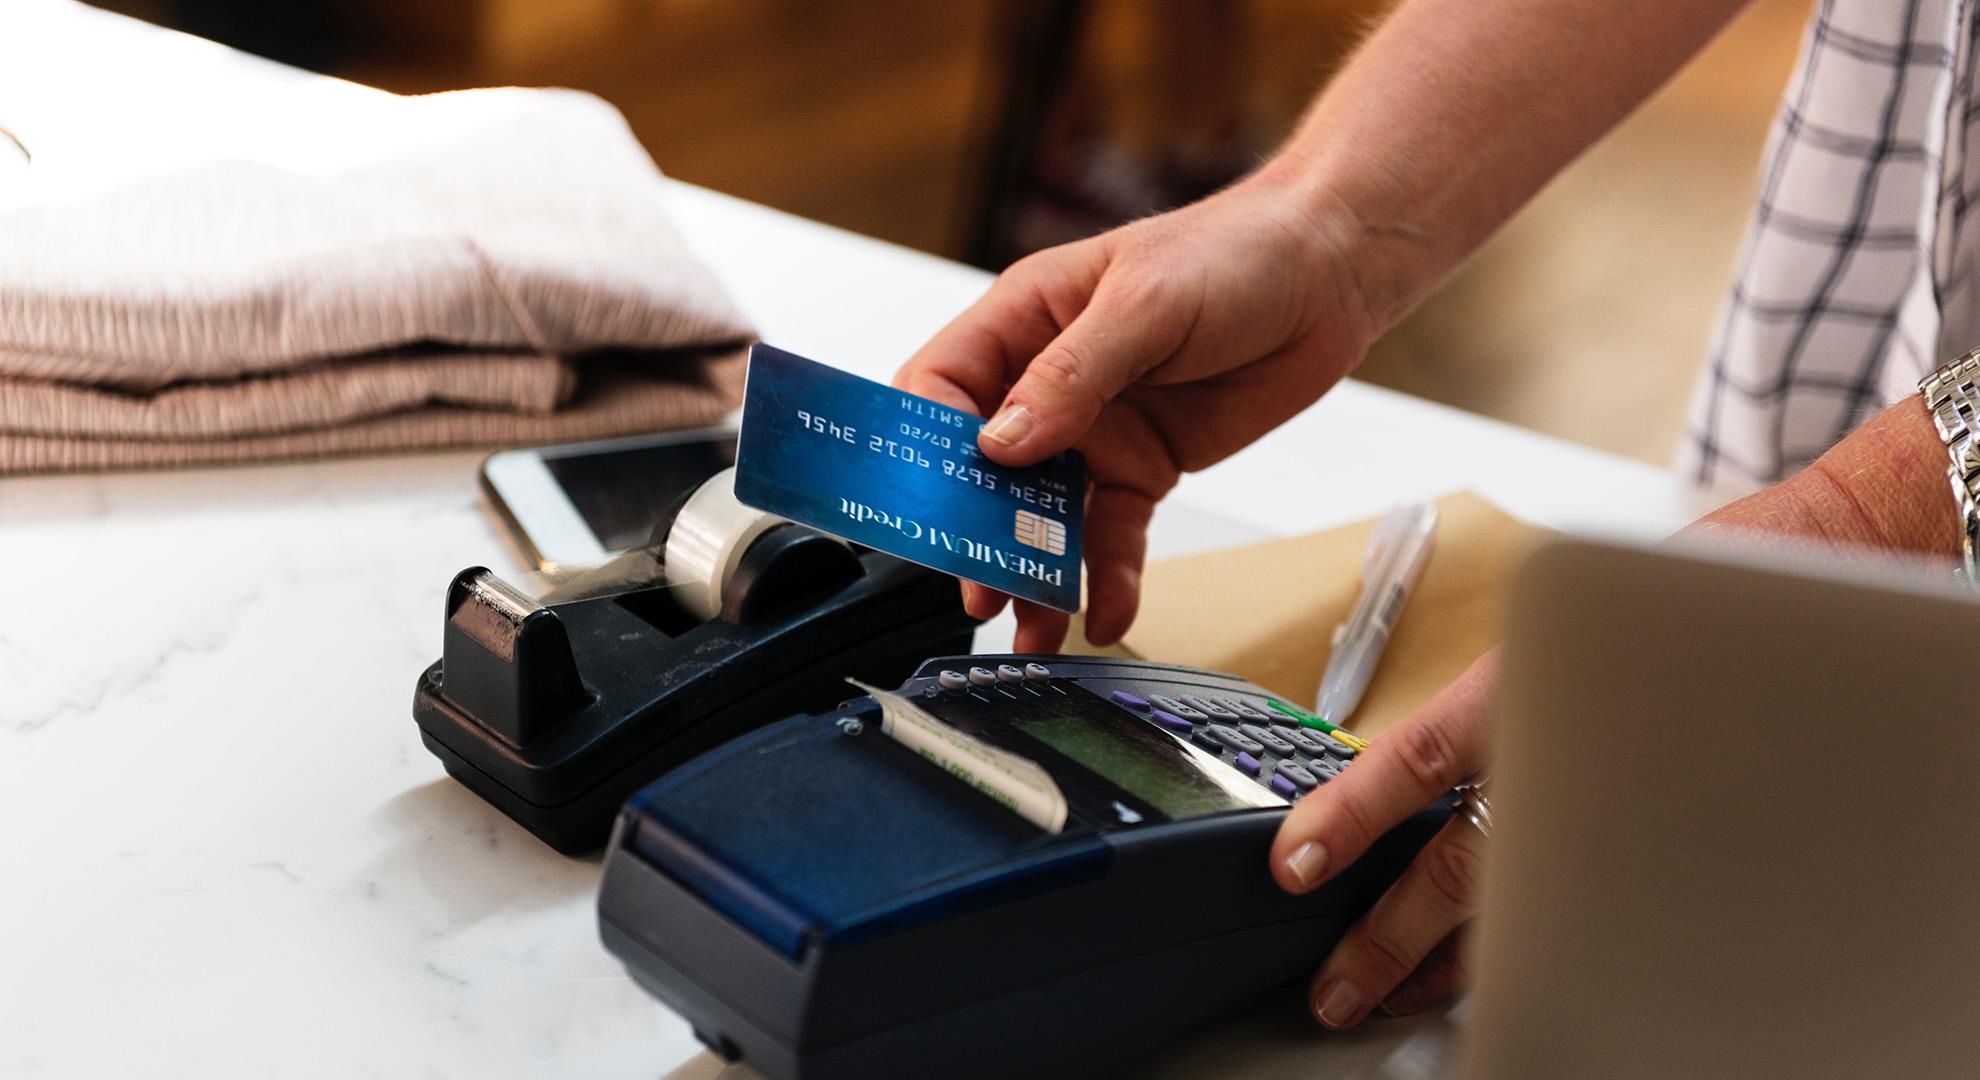 El sector retail innova con nuevas formas de pago